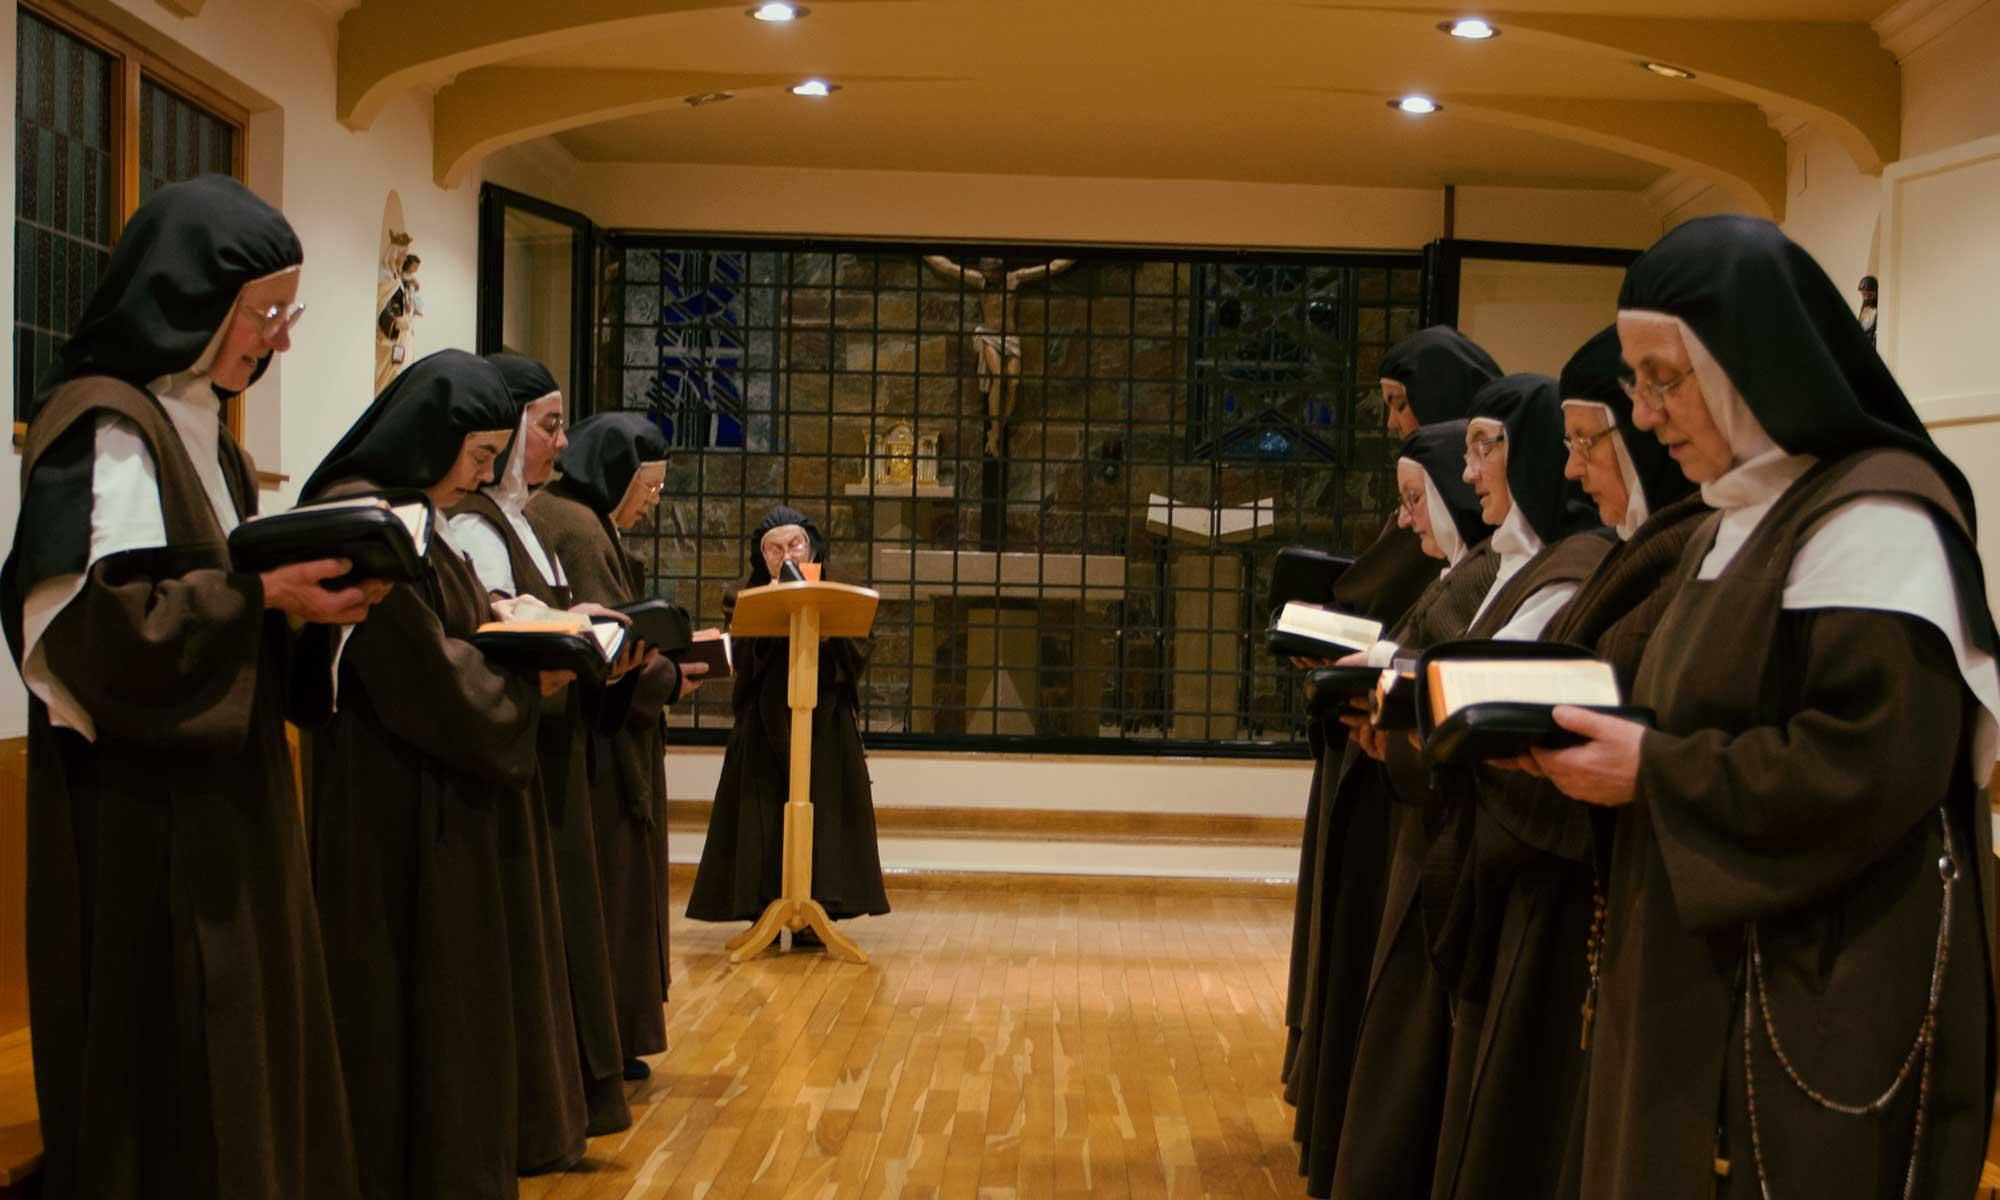 Carmelitas Descalzas de león